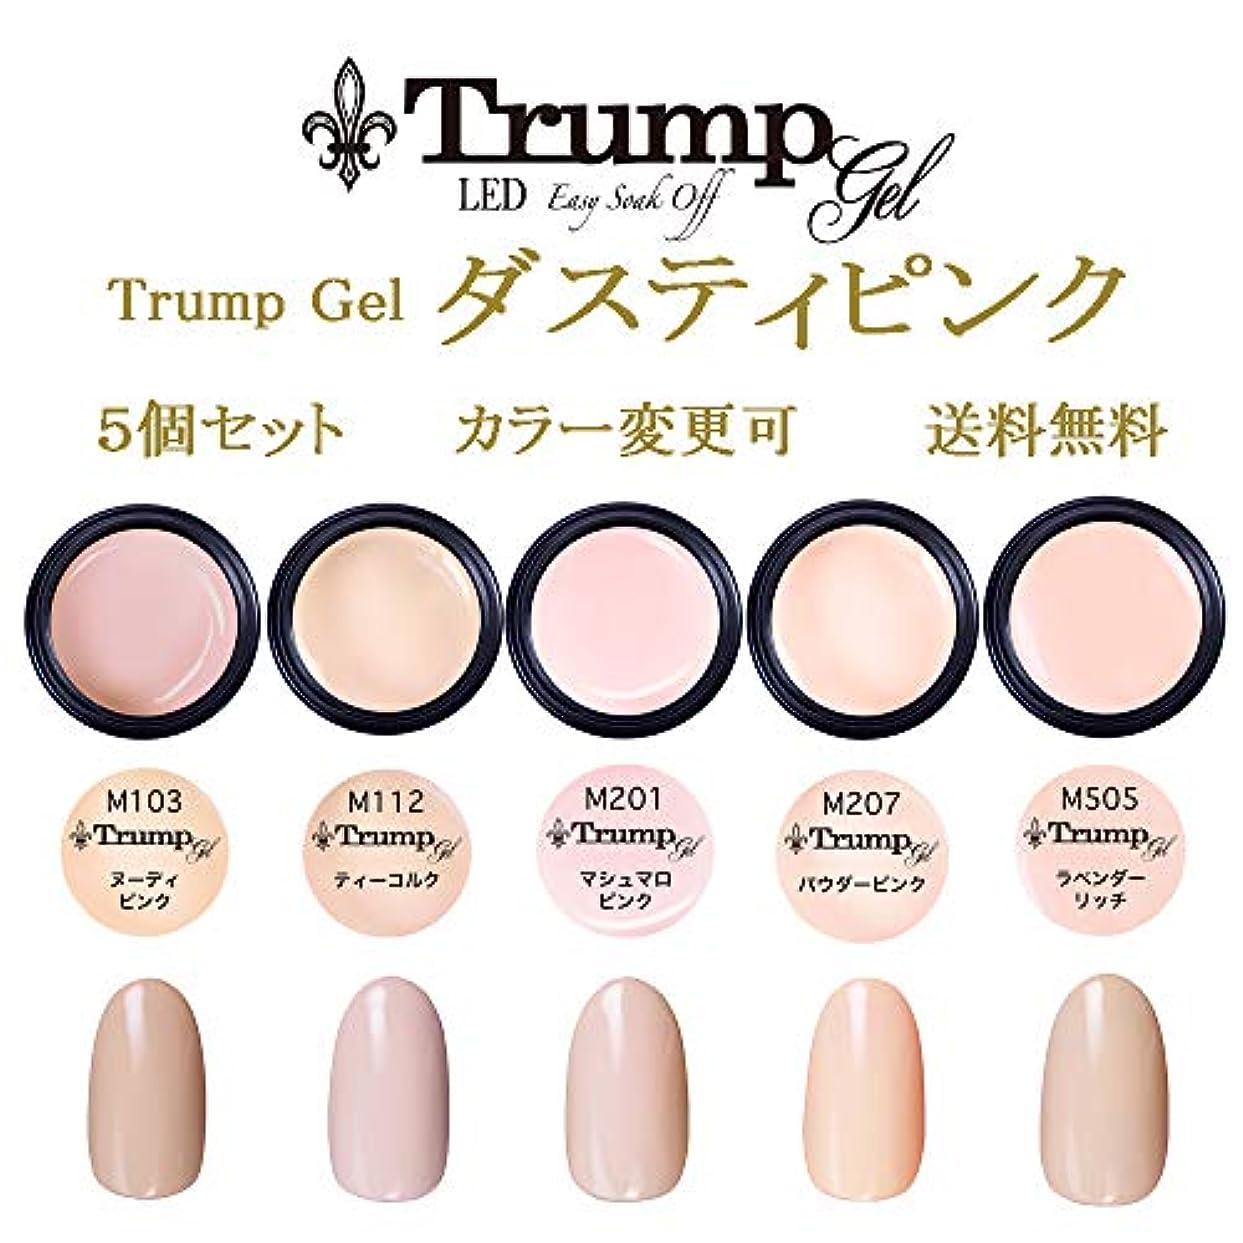 インシデントブラウズ眠いです【送料無料】Trumpダスティピンクカラー選べる カラージェル5個セット